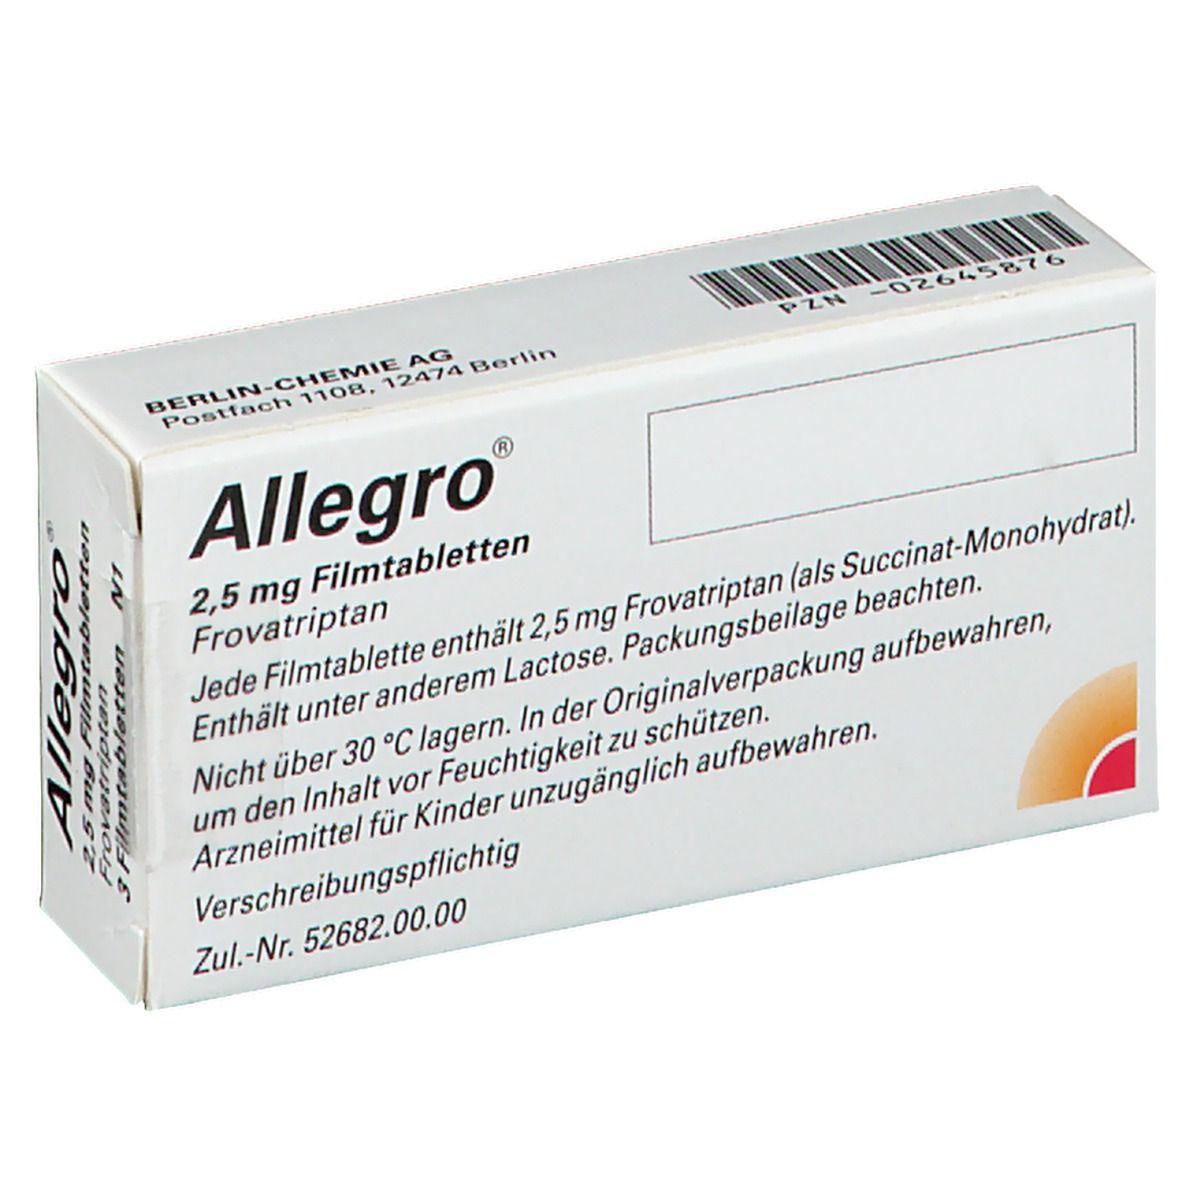 Allegro Filmtabletten